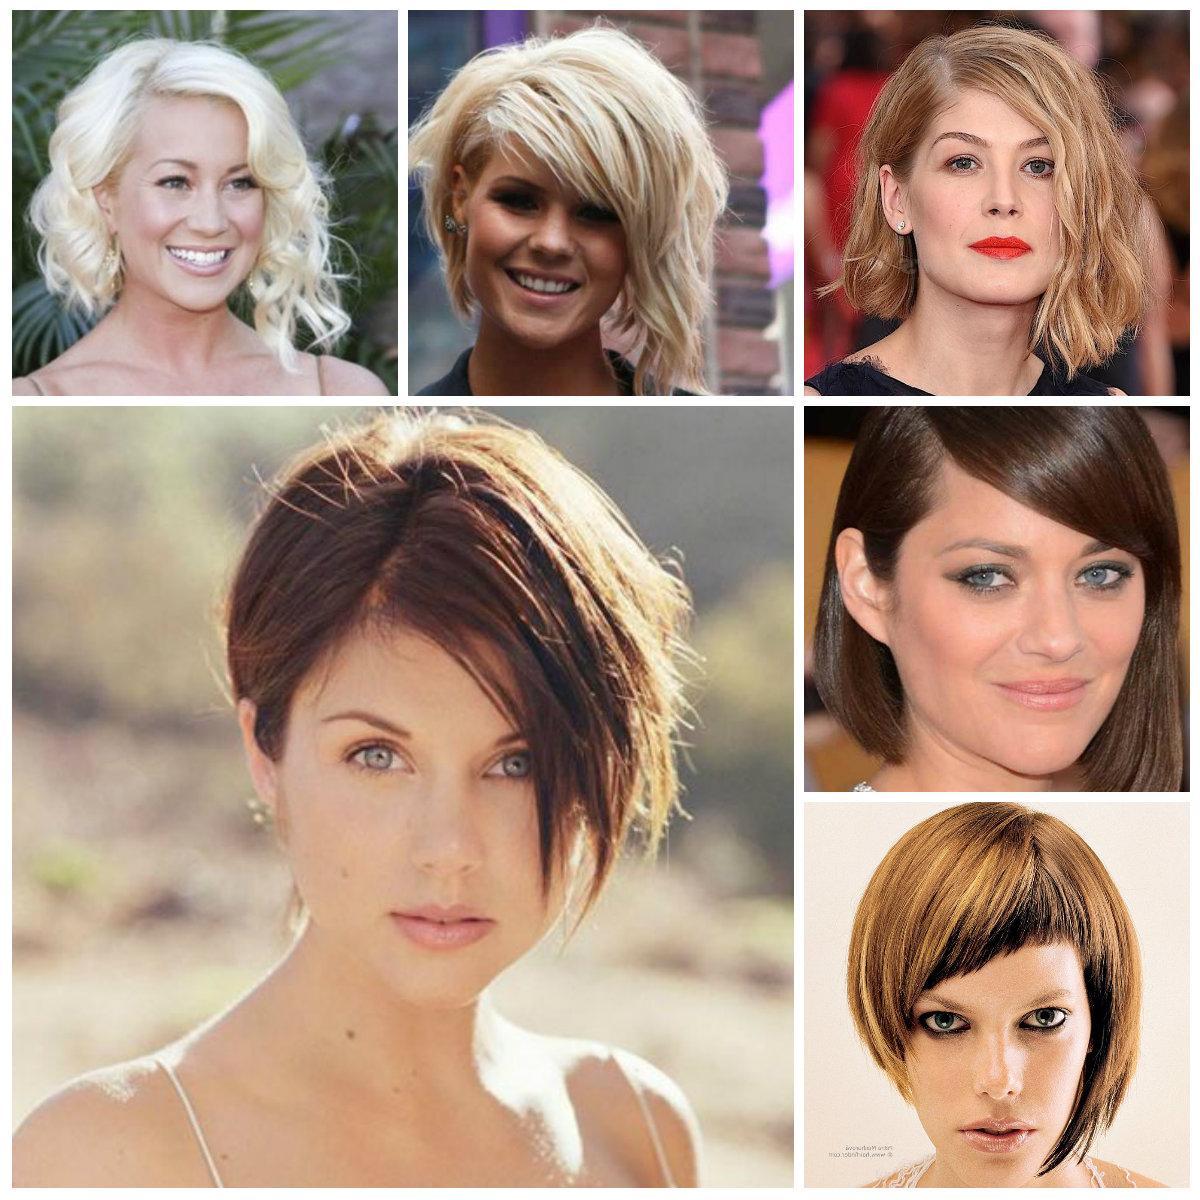 Edgy Asymmetrical Bob Haircuts For 2016   2019 Haircuts, Hairstyles For Symmetrical Short Haircuts (View 9 of 25)